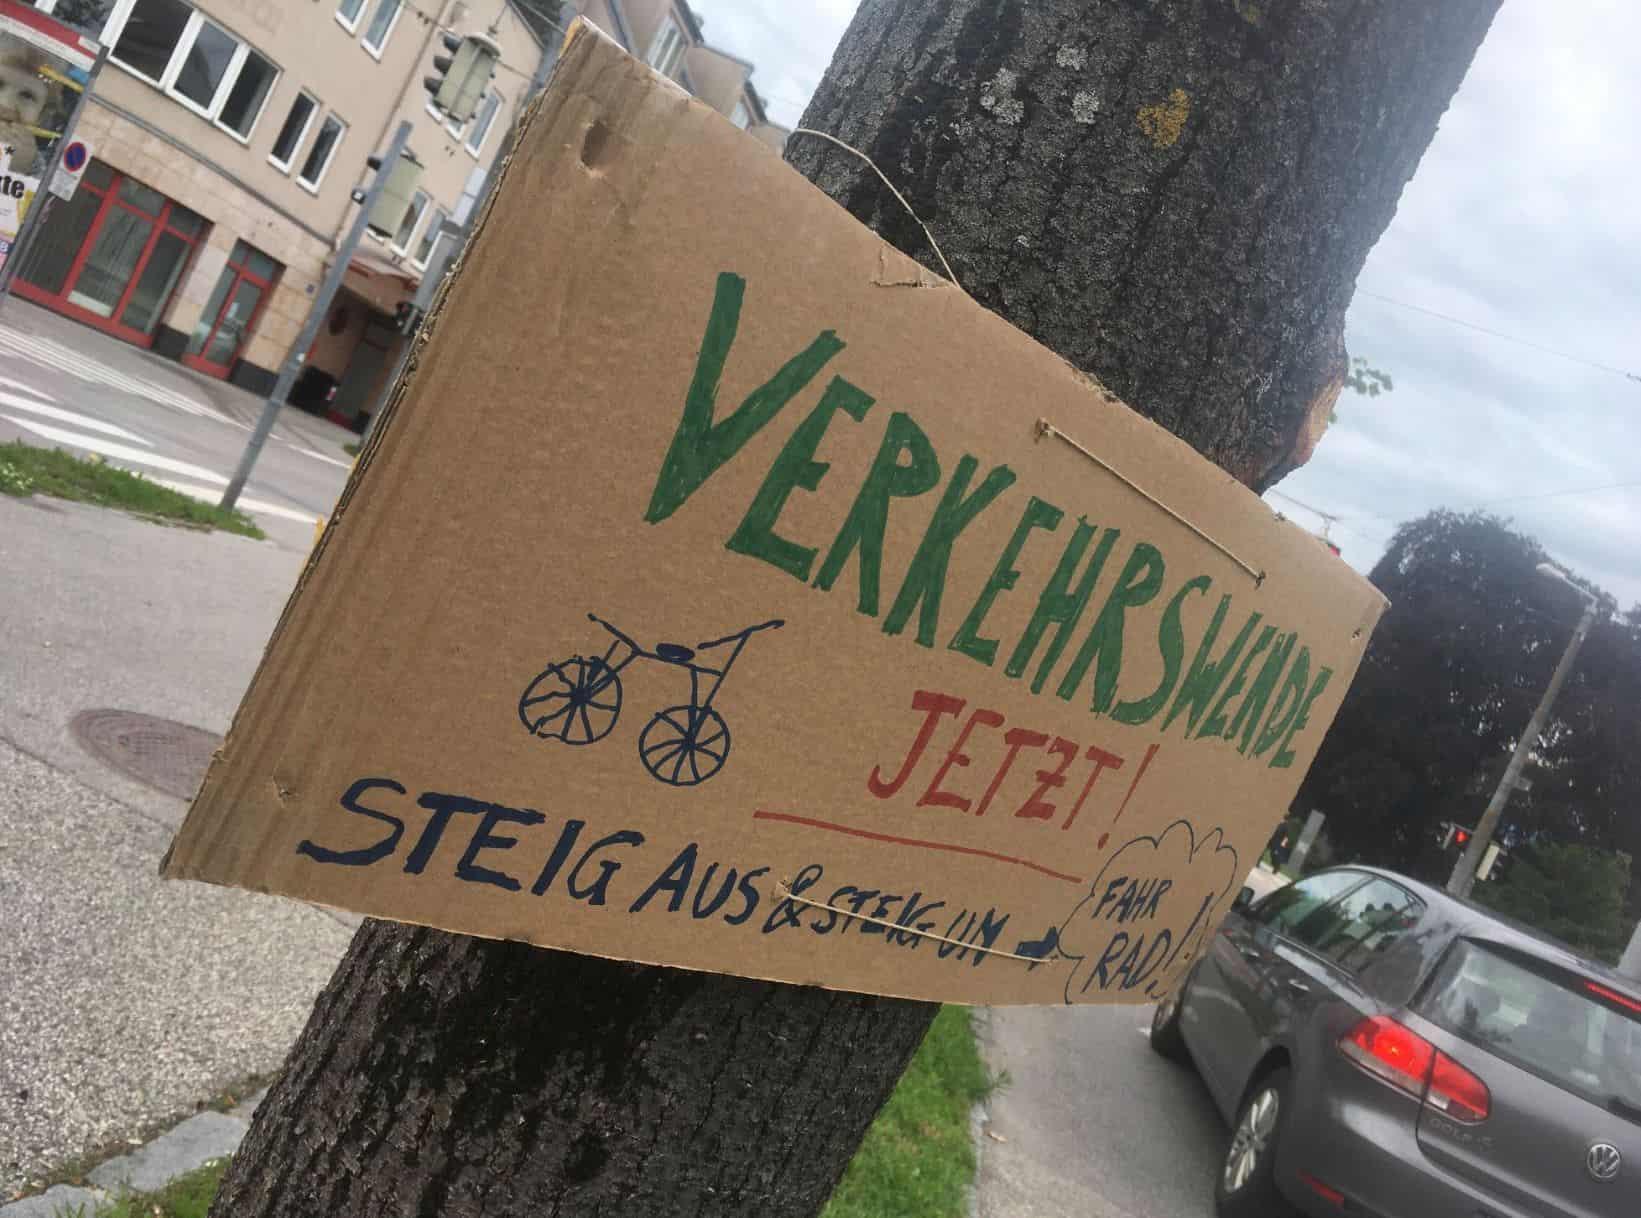 Ein Baum hält ein Schild und demonstriert für eine Verkehrswende (Aktion #aufbäumen)